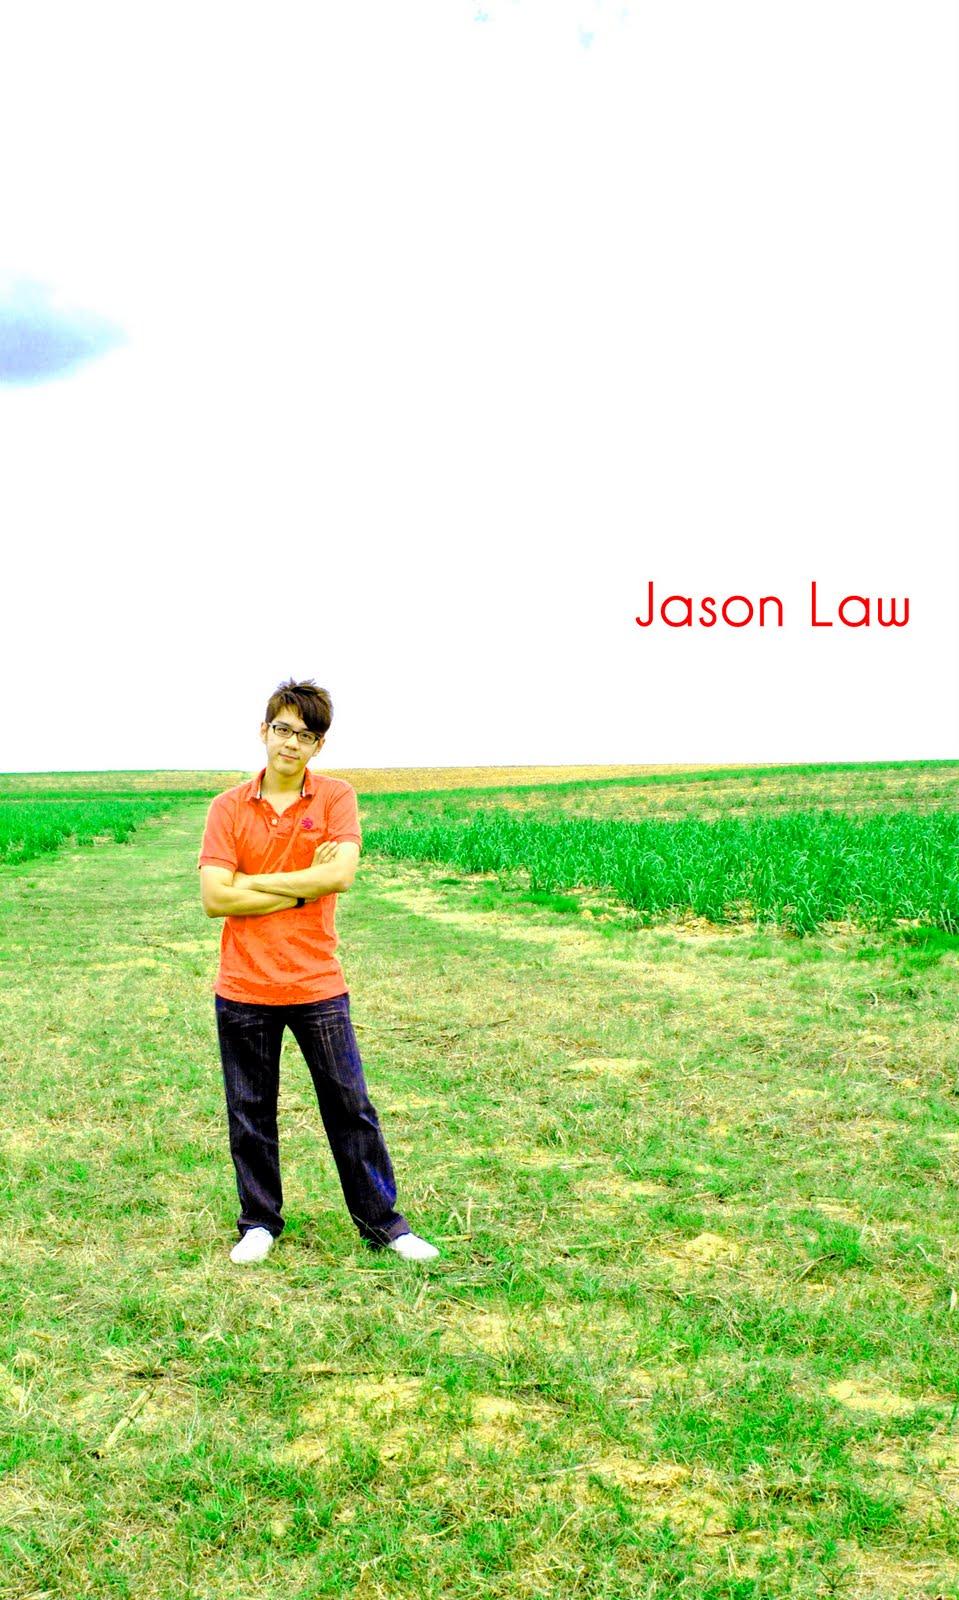 [Jason+Law.jpg]